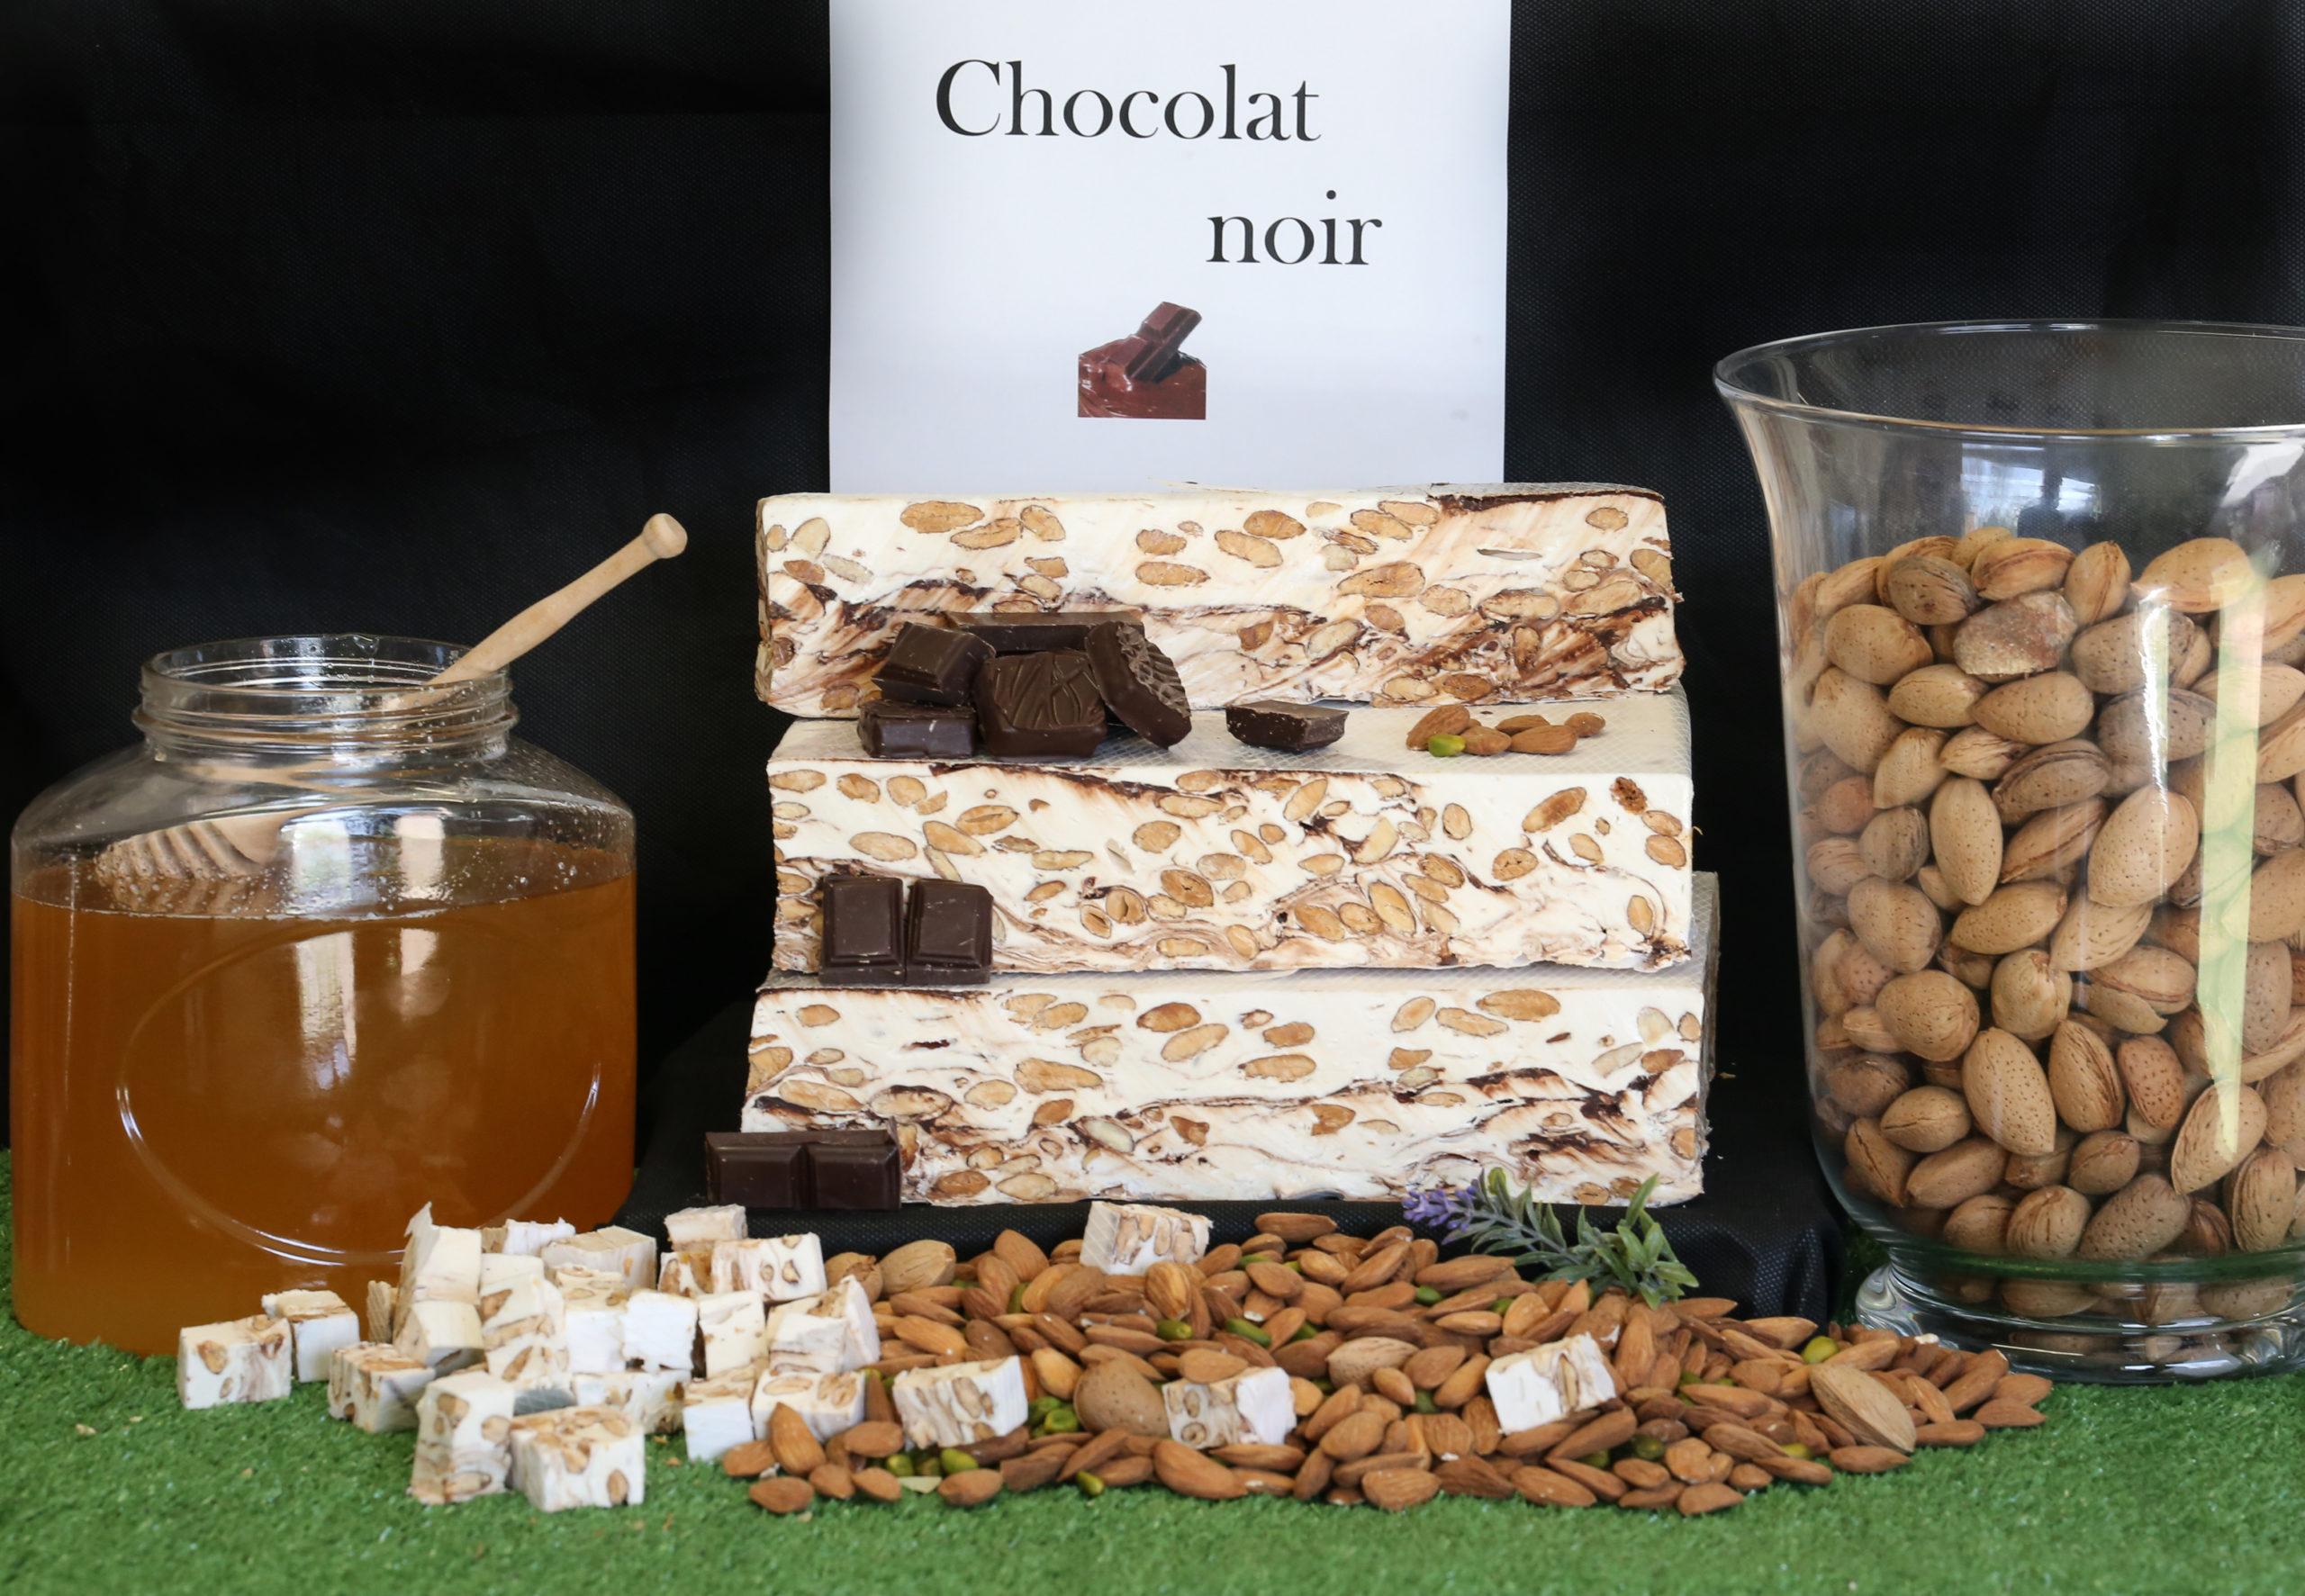 nougat_chocolat_laurmar_miel_lavande_igp_provence